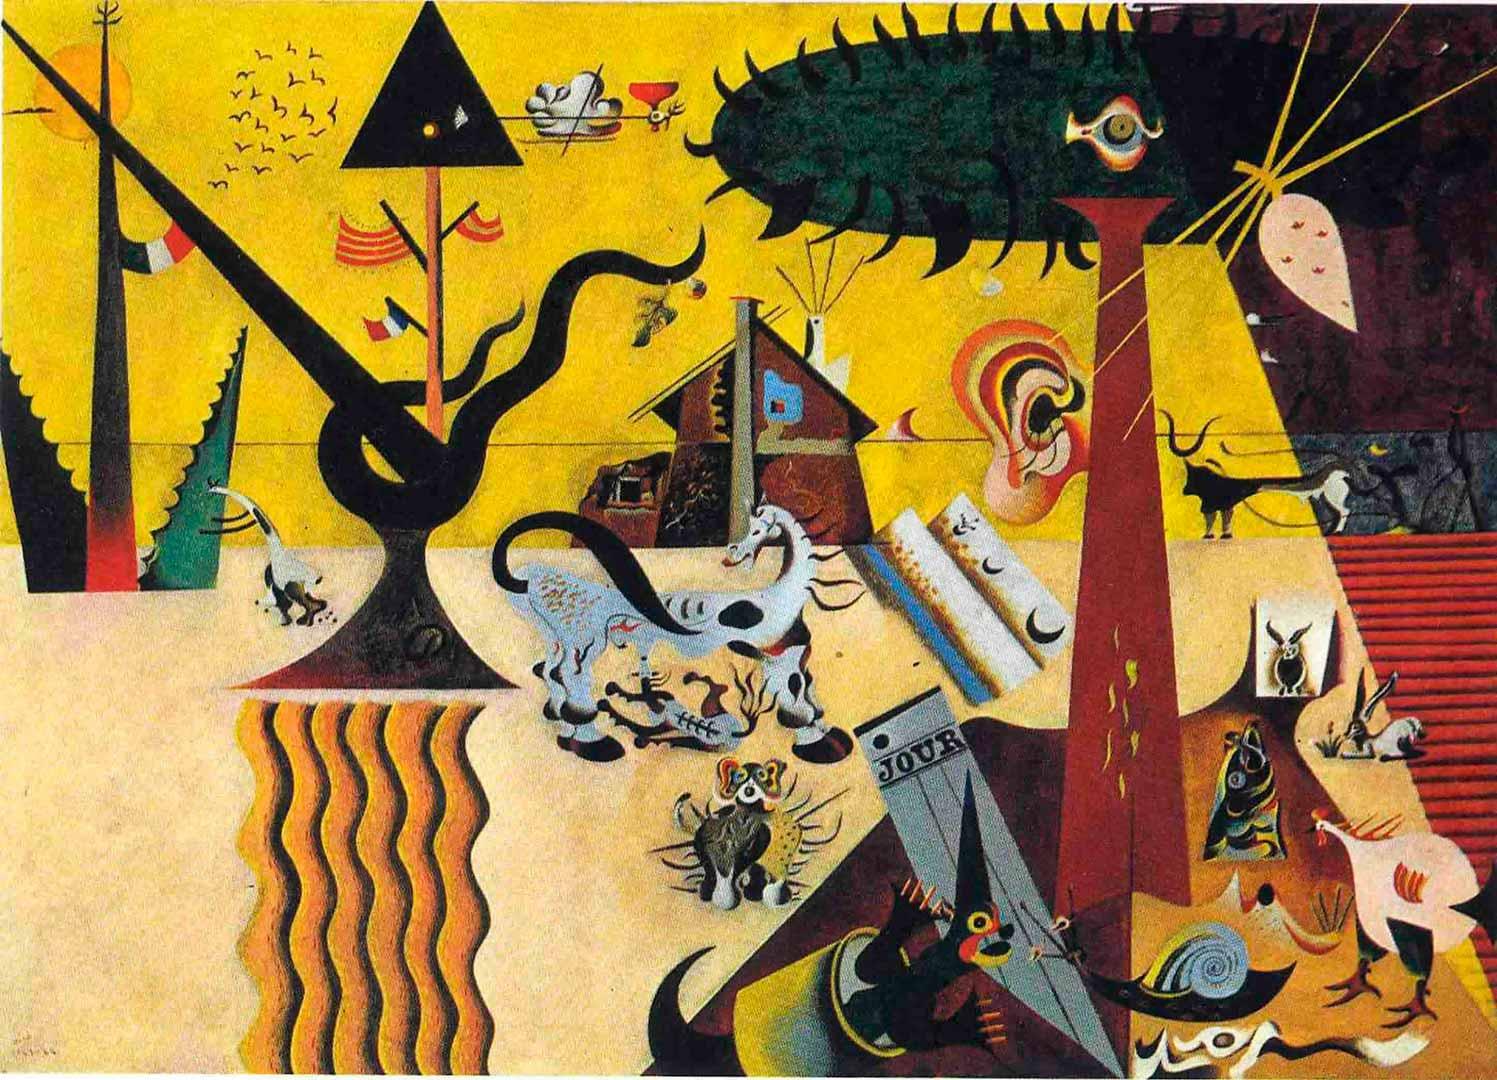 El Campo Labrado o la Tierra Labrada - Cuadro Cubista pintado por Joan Miró en 1923 - Óleo sobre Lienzo 66 x 93 cm